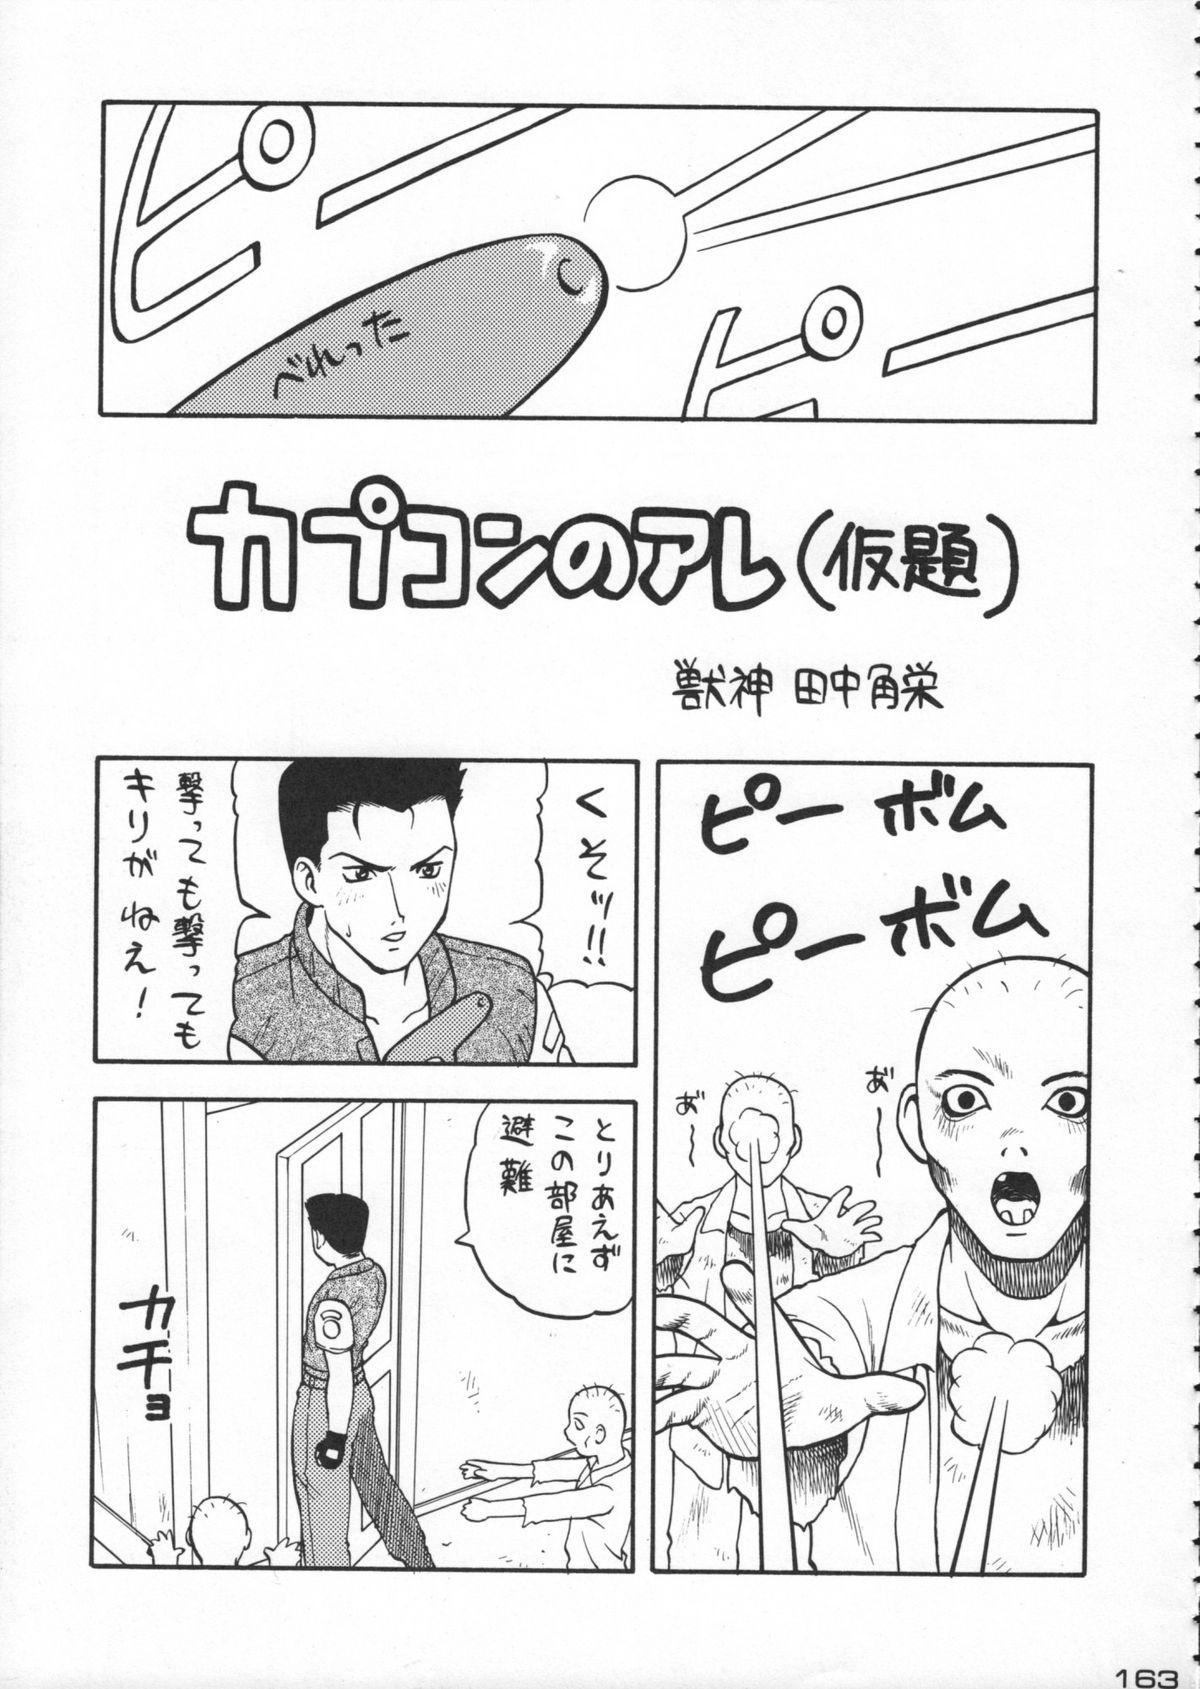 Godzilla vs Curry Aji 163